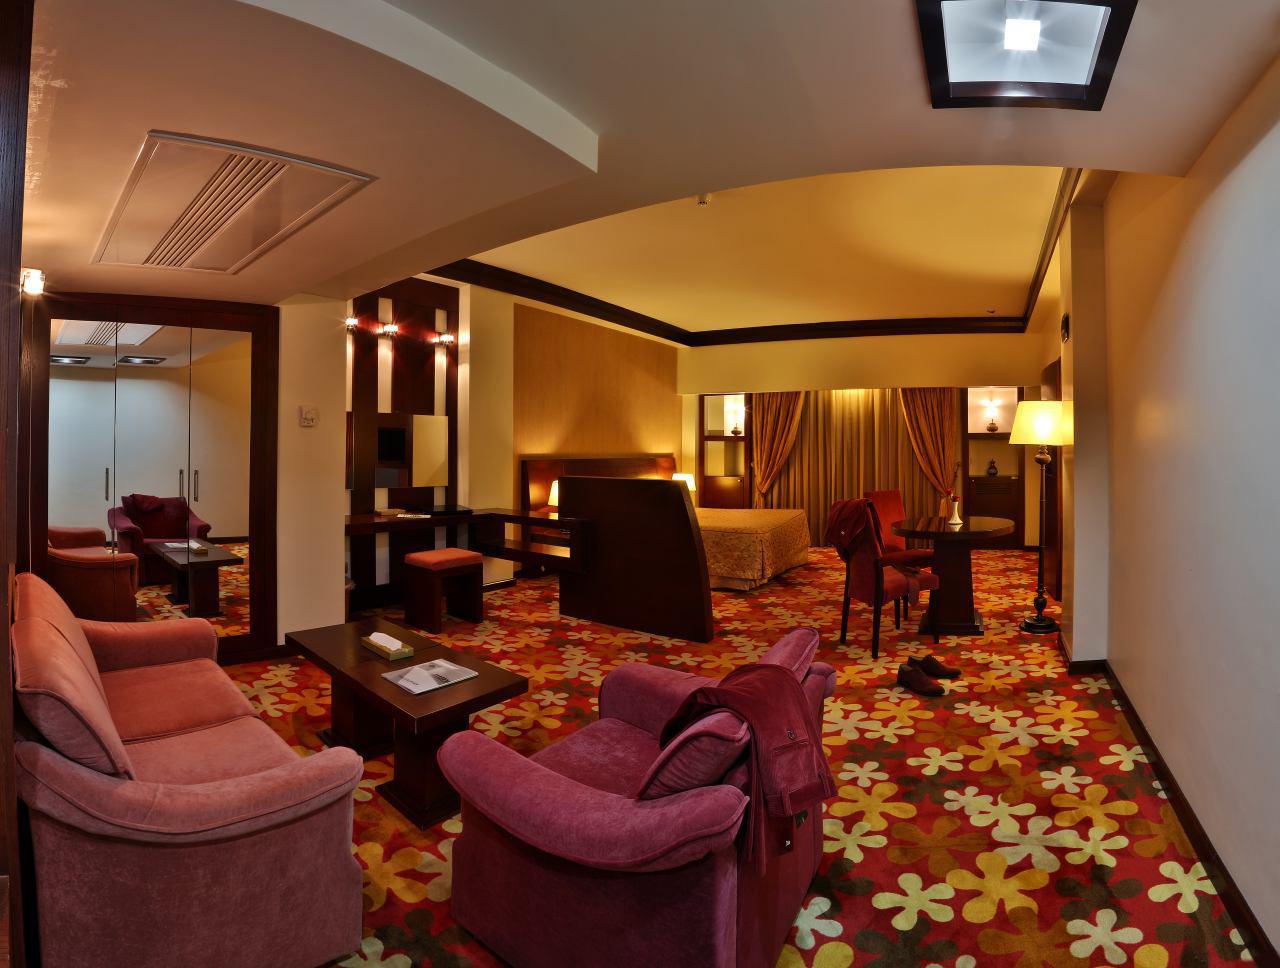 Amenities Da Bagno prenota homa hotel 2 in mashhad - garanzia del miglior